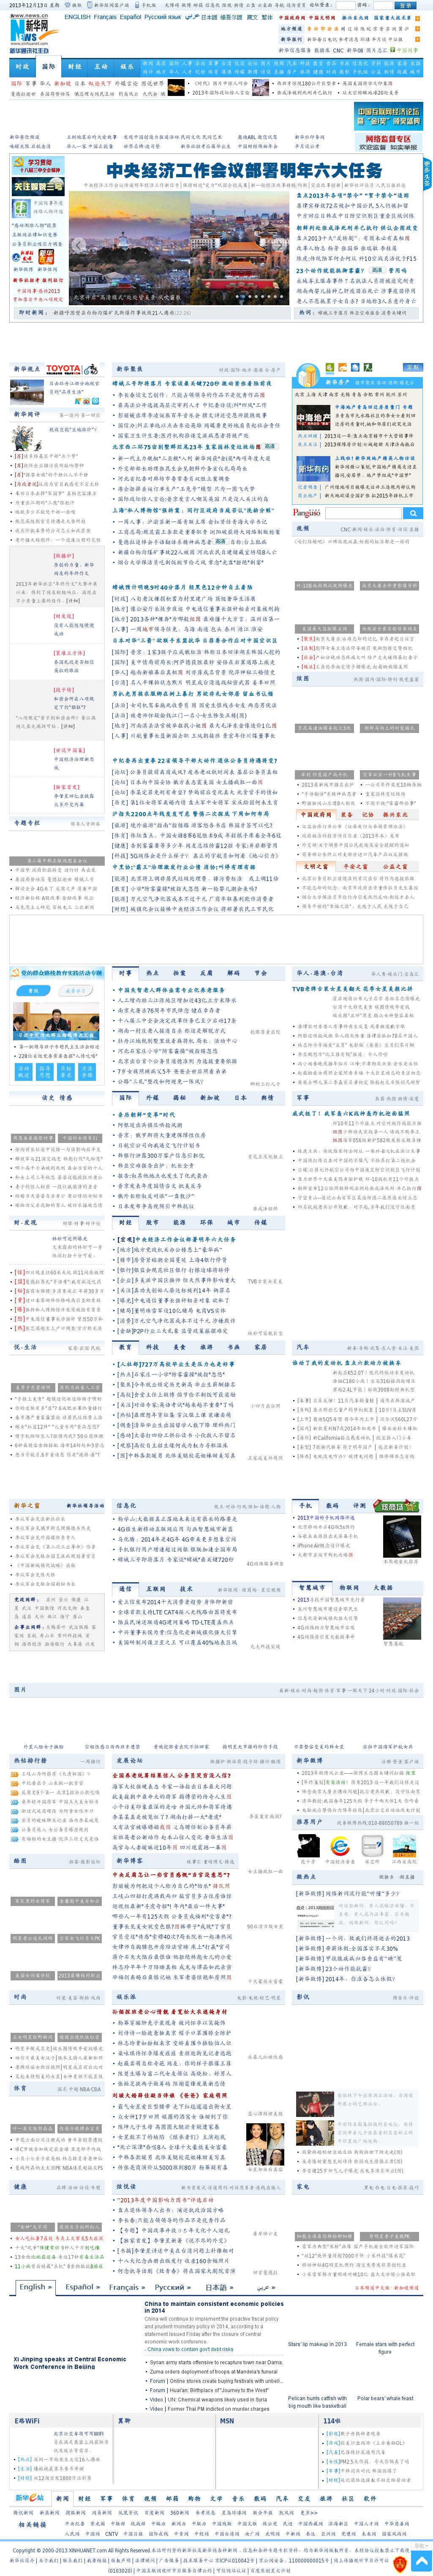 Xinhua at Friday Dec. 13, 2013, 9:18 p.m. UTC